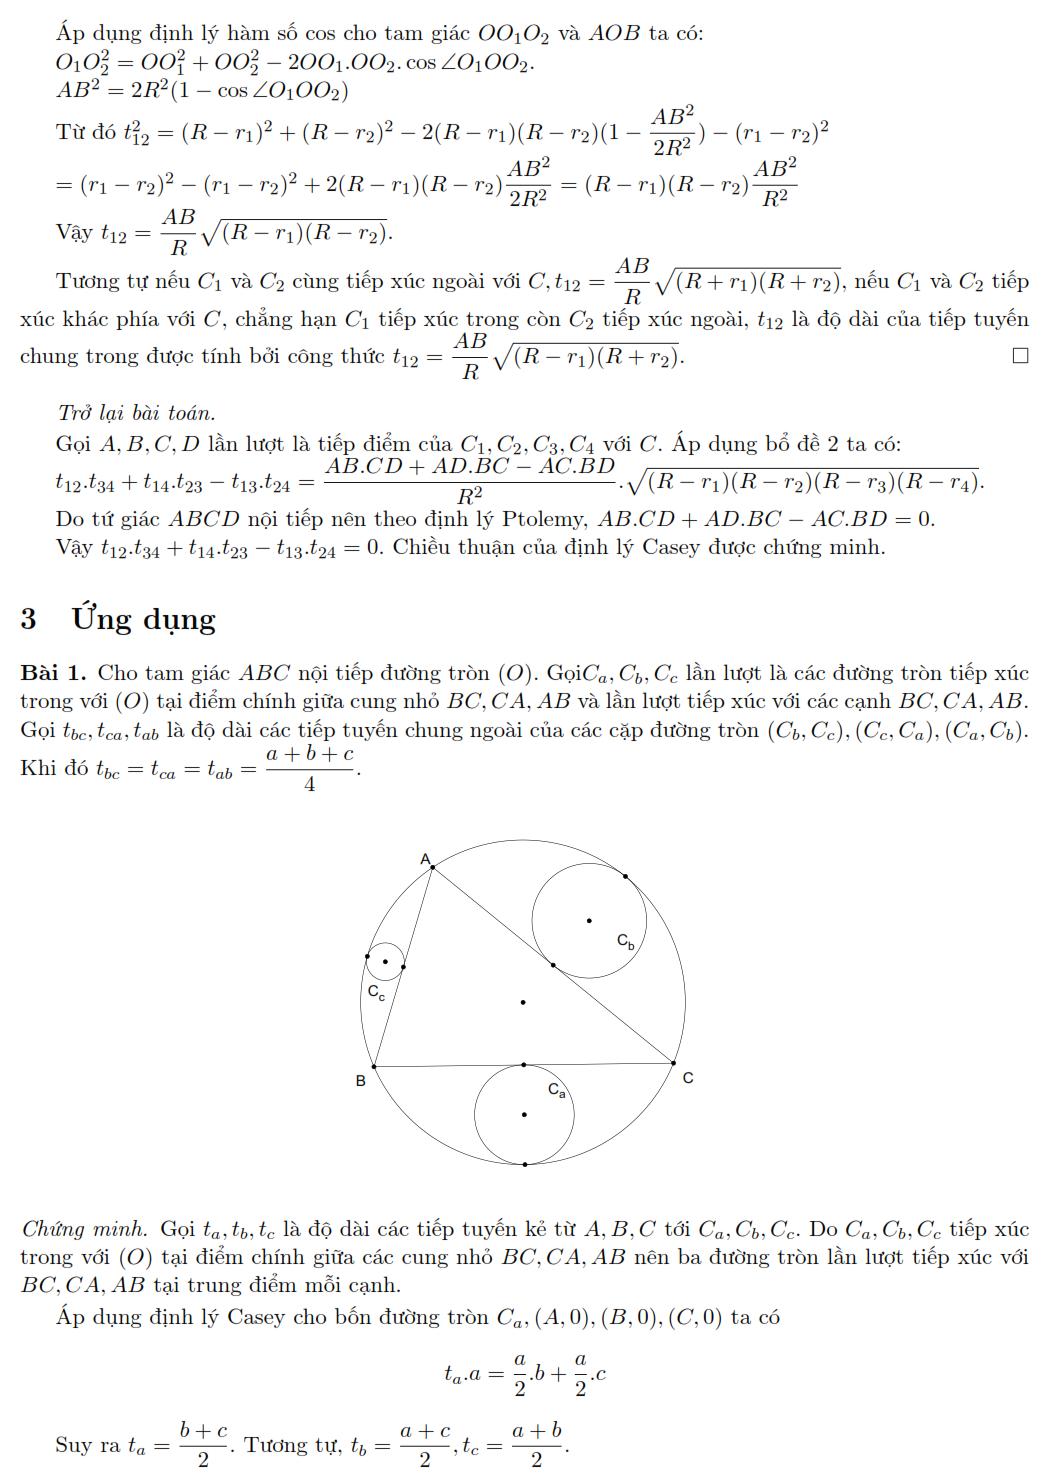 Định lý Casey và ứng dụng Nguyễn Văn Linh phần 3